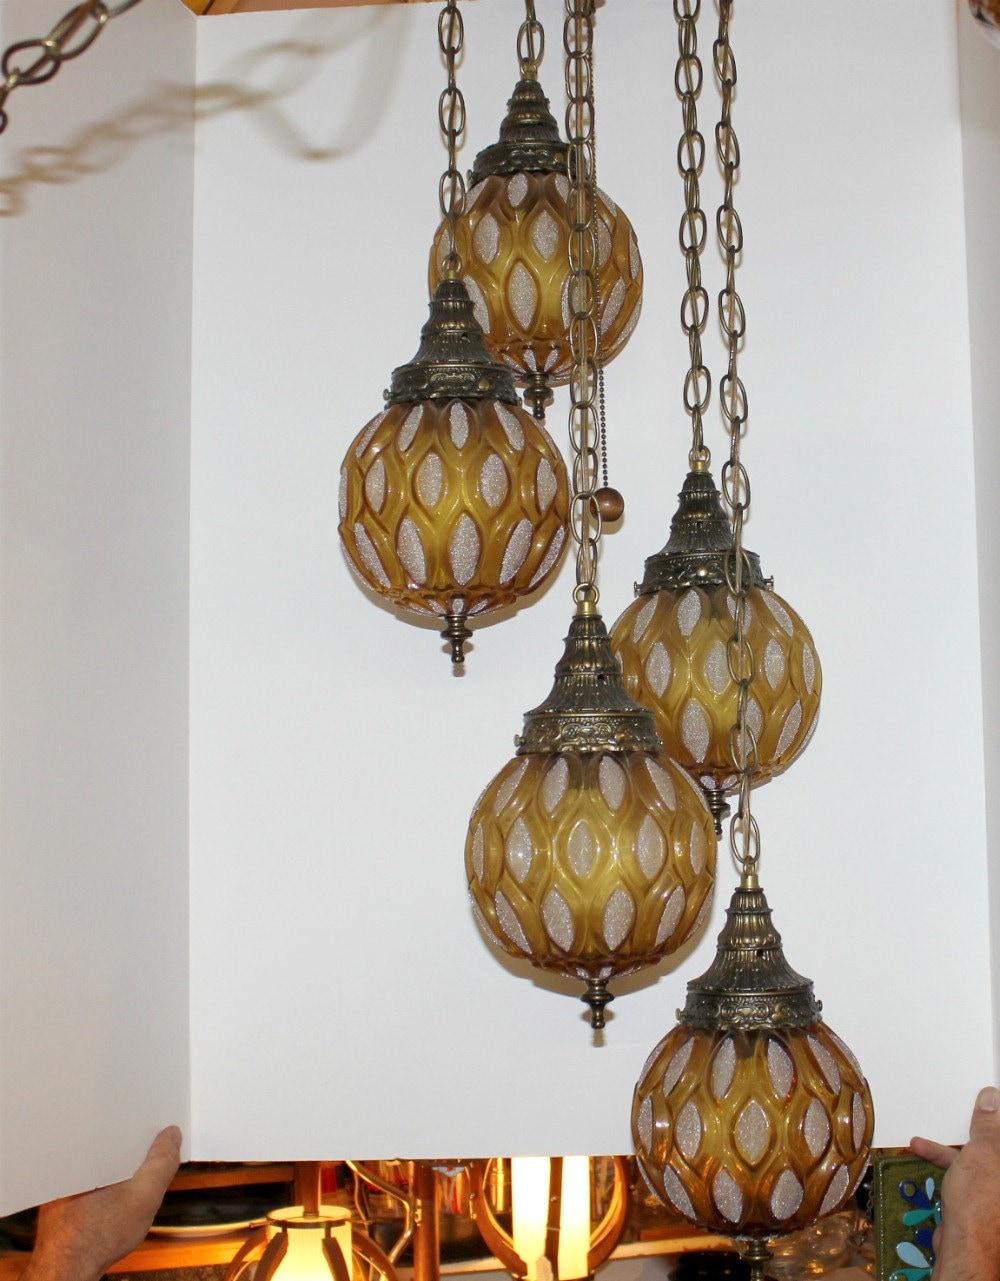 vintage 5 globe swag lamp light ceiling 3 way adjustable hanging. Black Bedroom Furniture Sets. Home Design Ideas